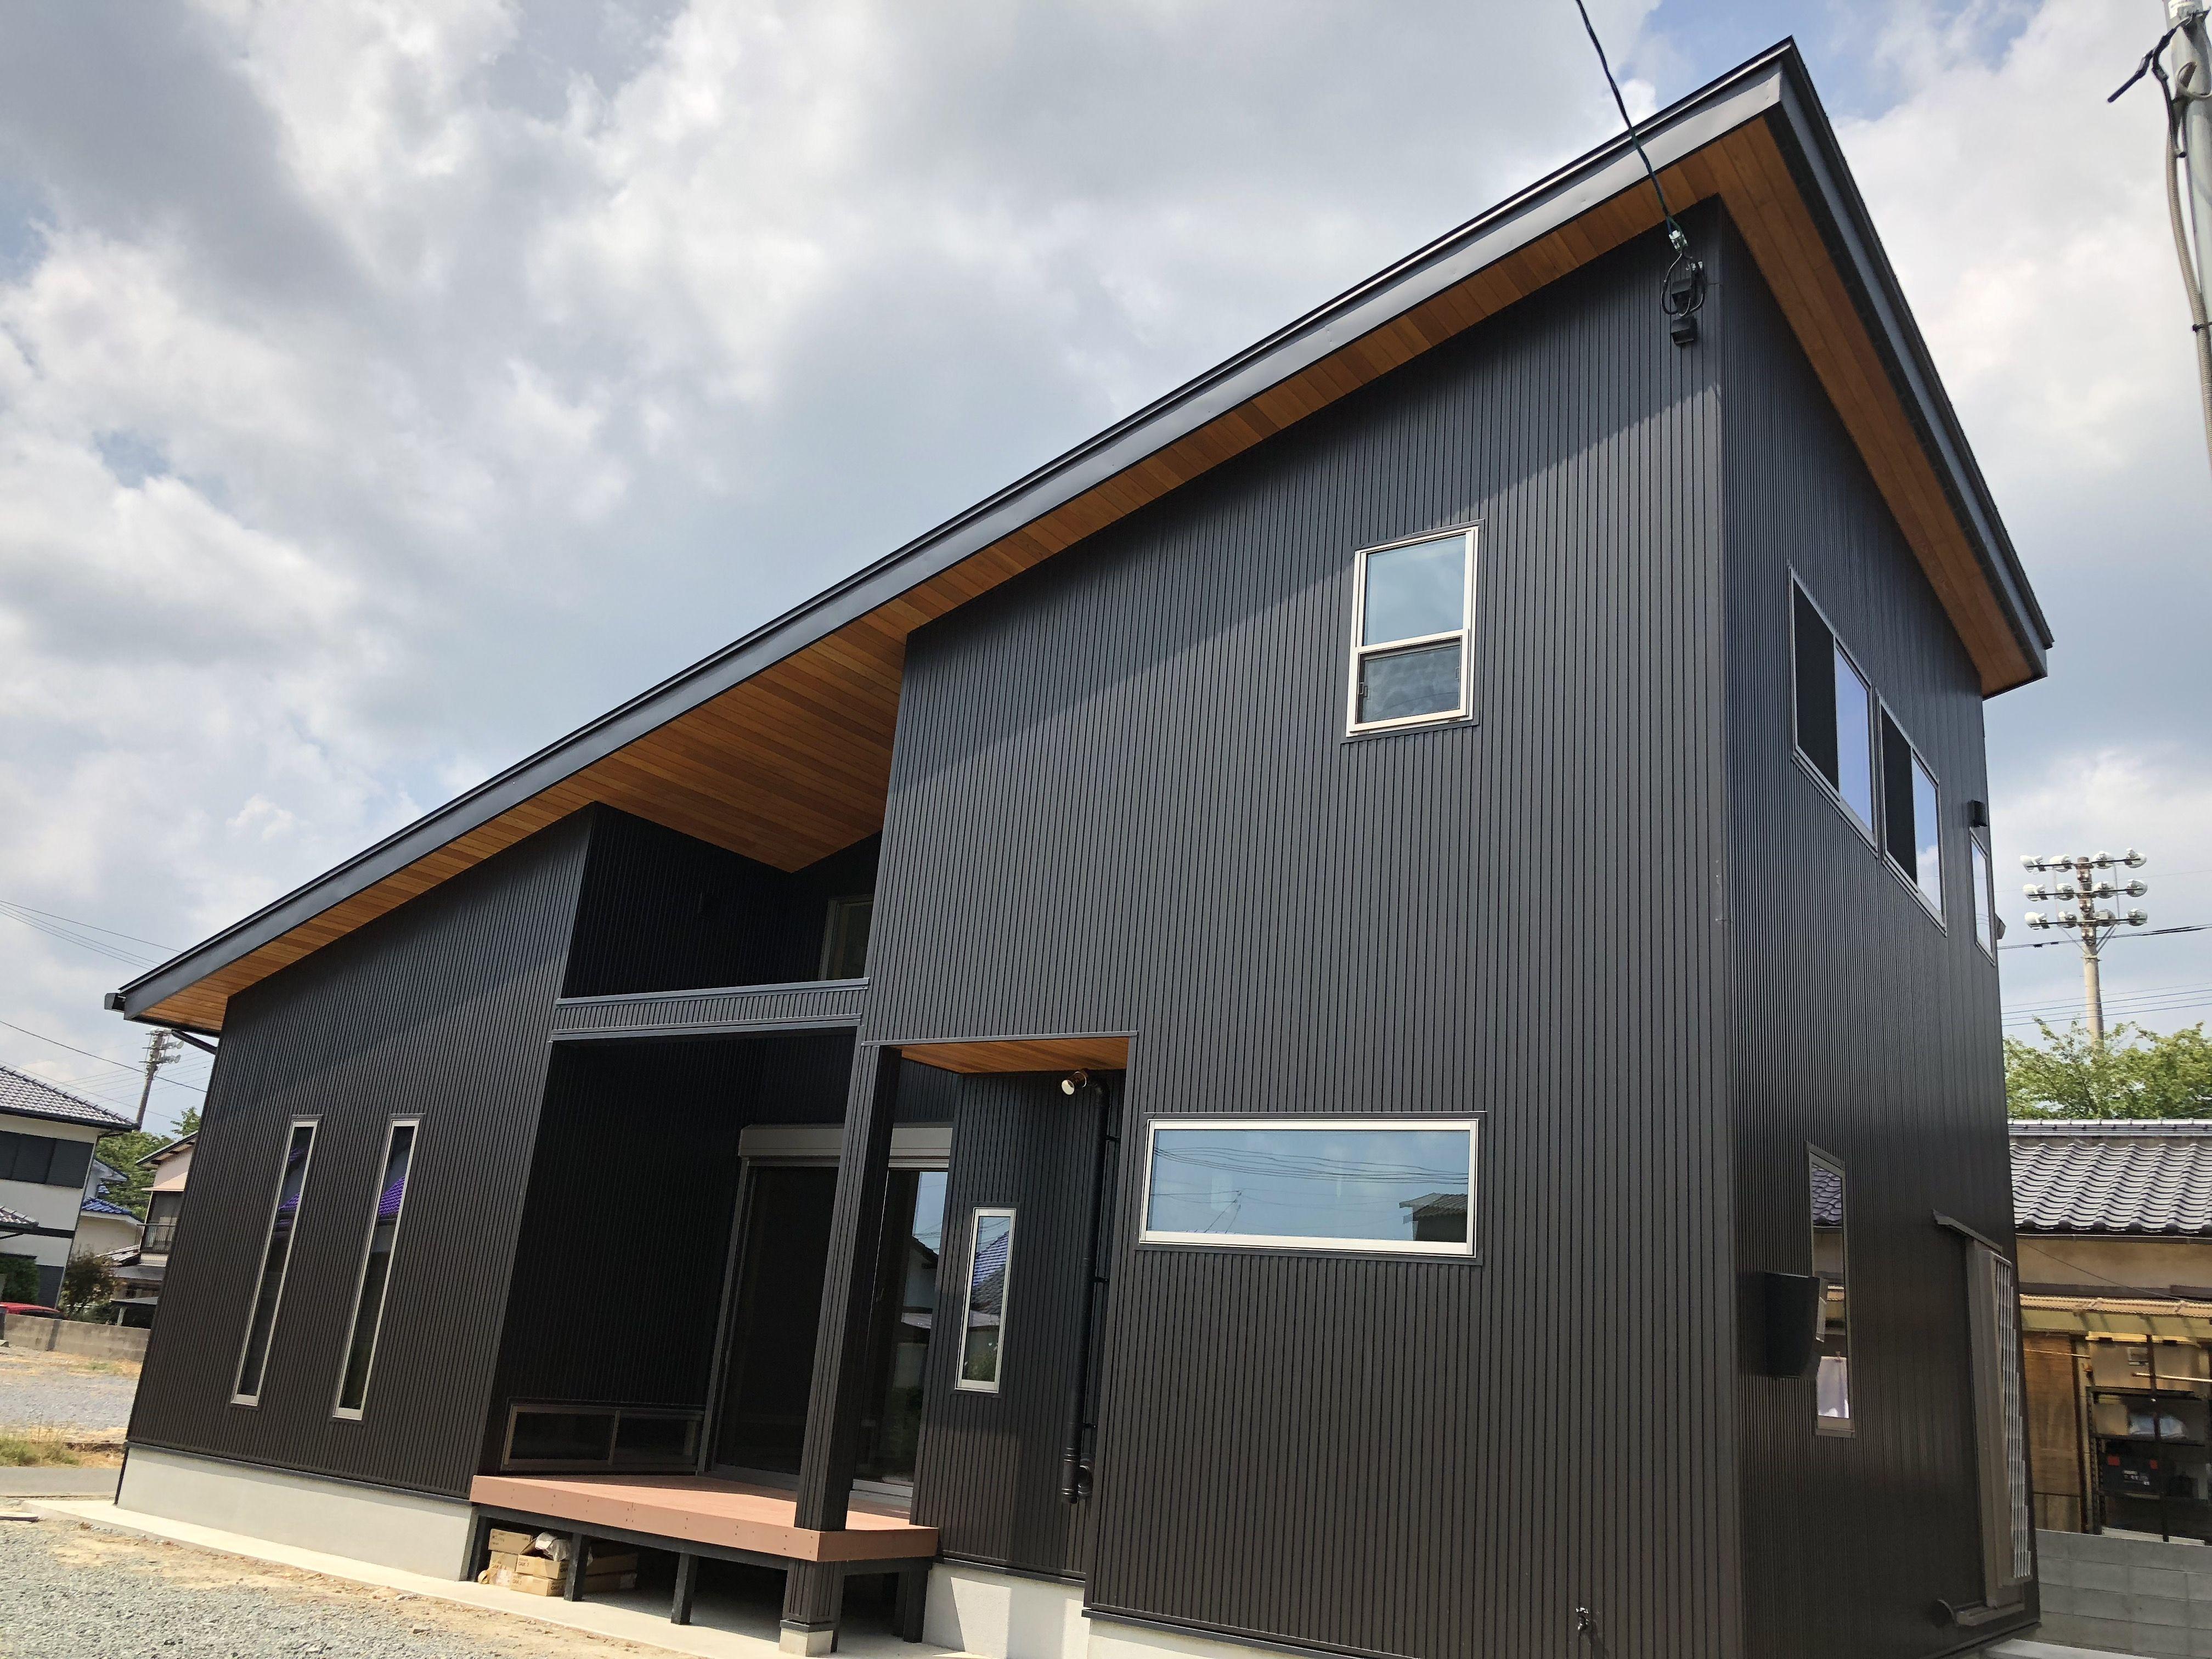 ガルバリウム鋼板の屋根と壁 久留米市u様邸 新築工事 2018 住宅